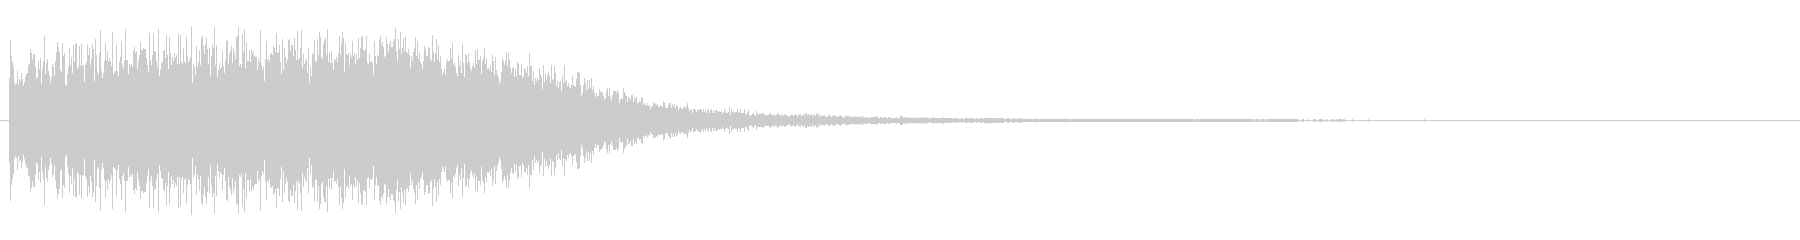 ギュイーン(甲高い細かい集合音)の未再生の波形